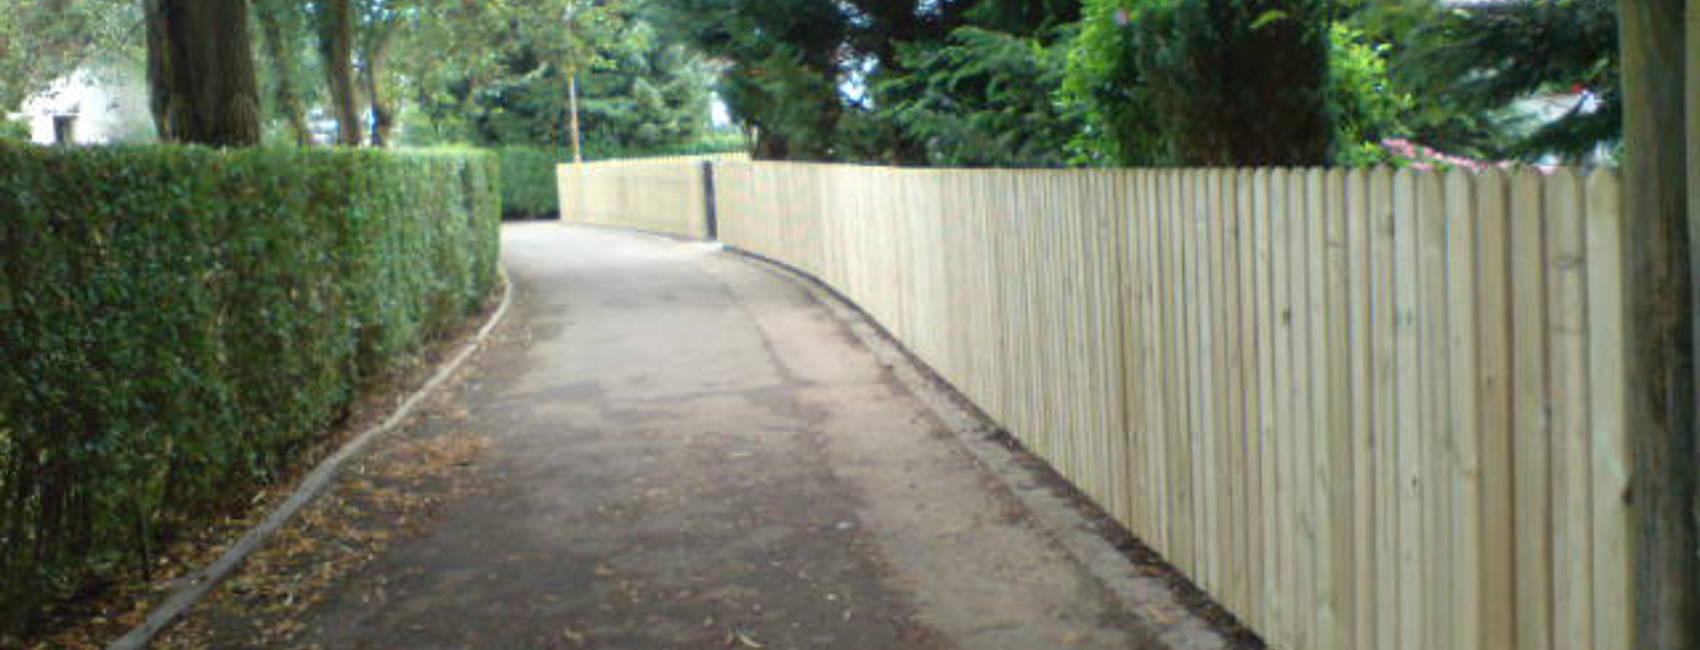 Sichtschutz Holz Querlattung ~ Zaun Belles  Zaunbau  Zaunmontage und Reperatur  Holzzaun